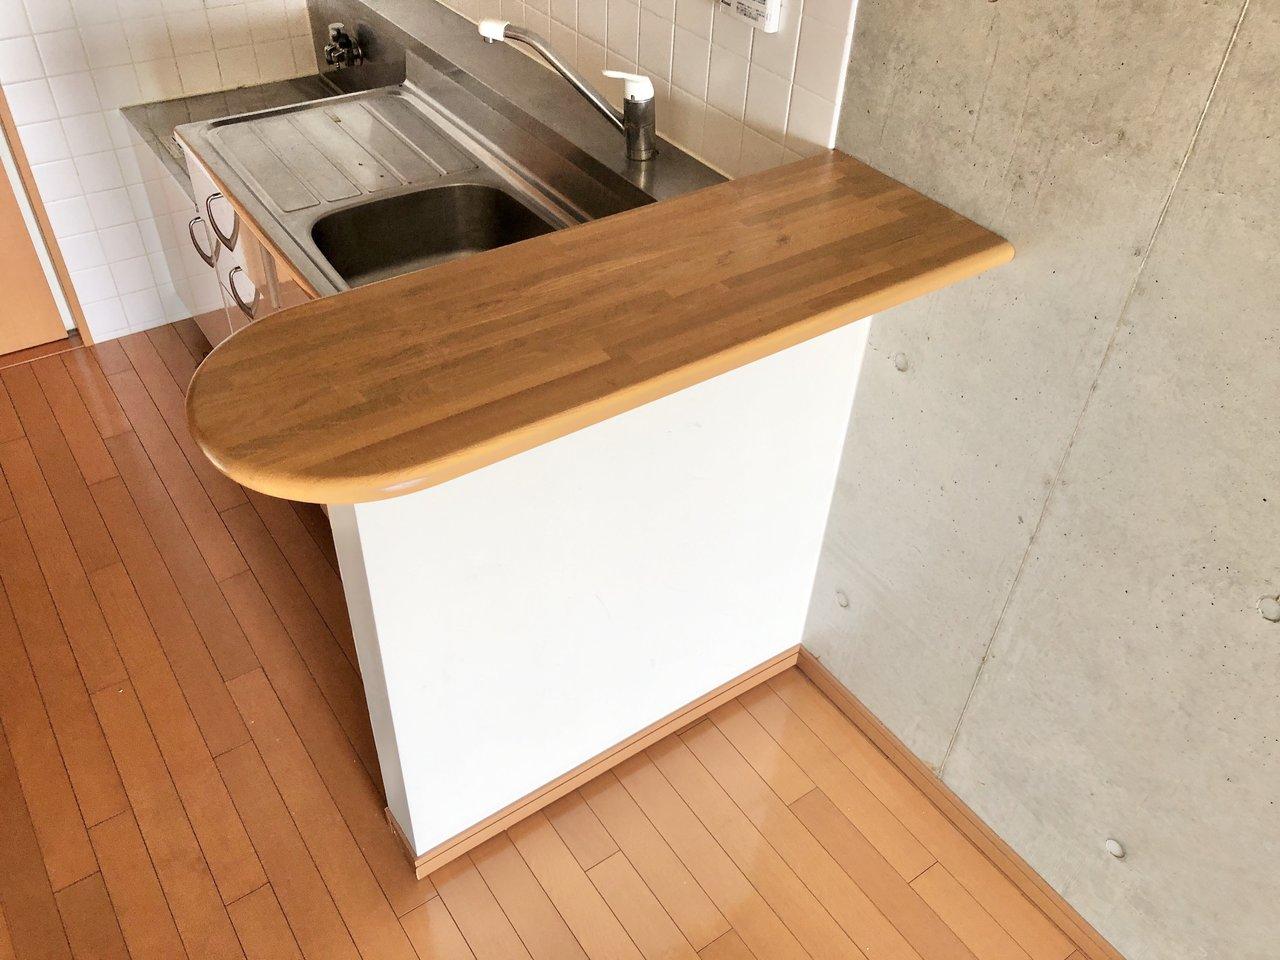 階下にあるキッチンも、丸みのあるかわいらしいカウンターテーブルがついていました。ここに料理本を置いてじっくり料理しても面白いかも!